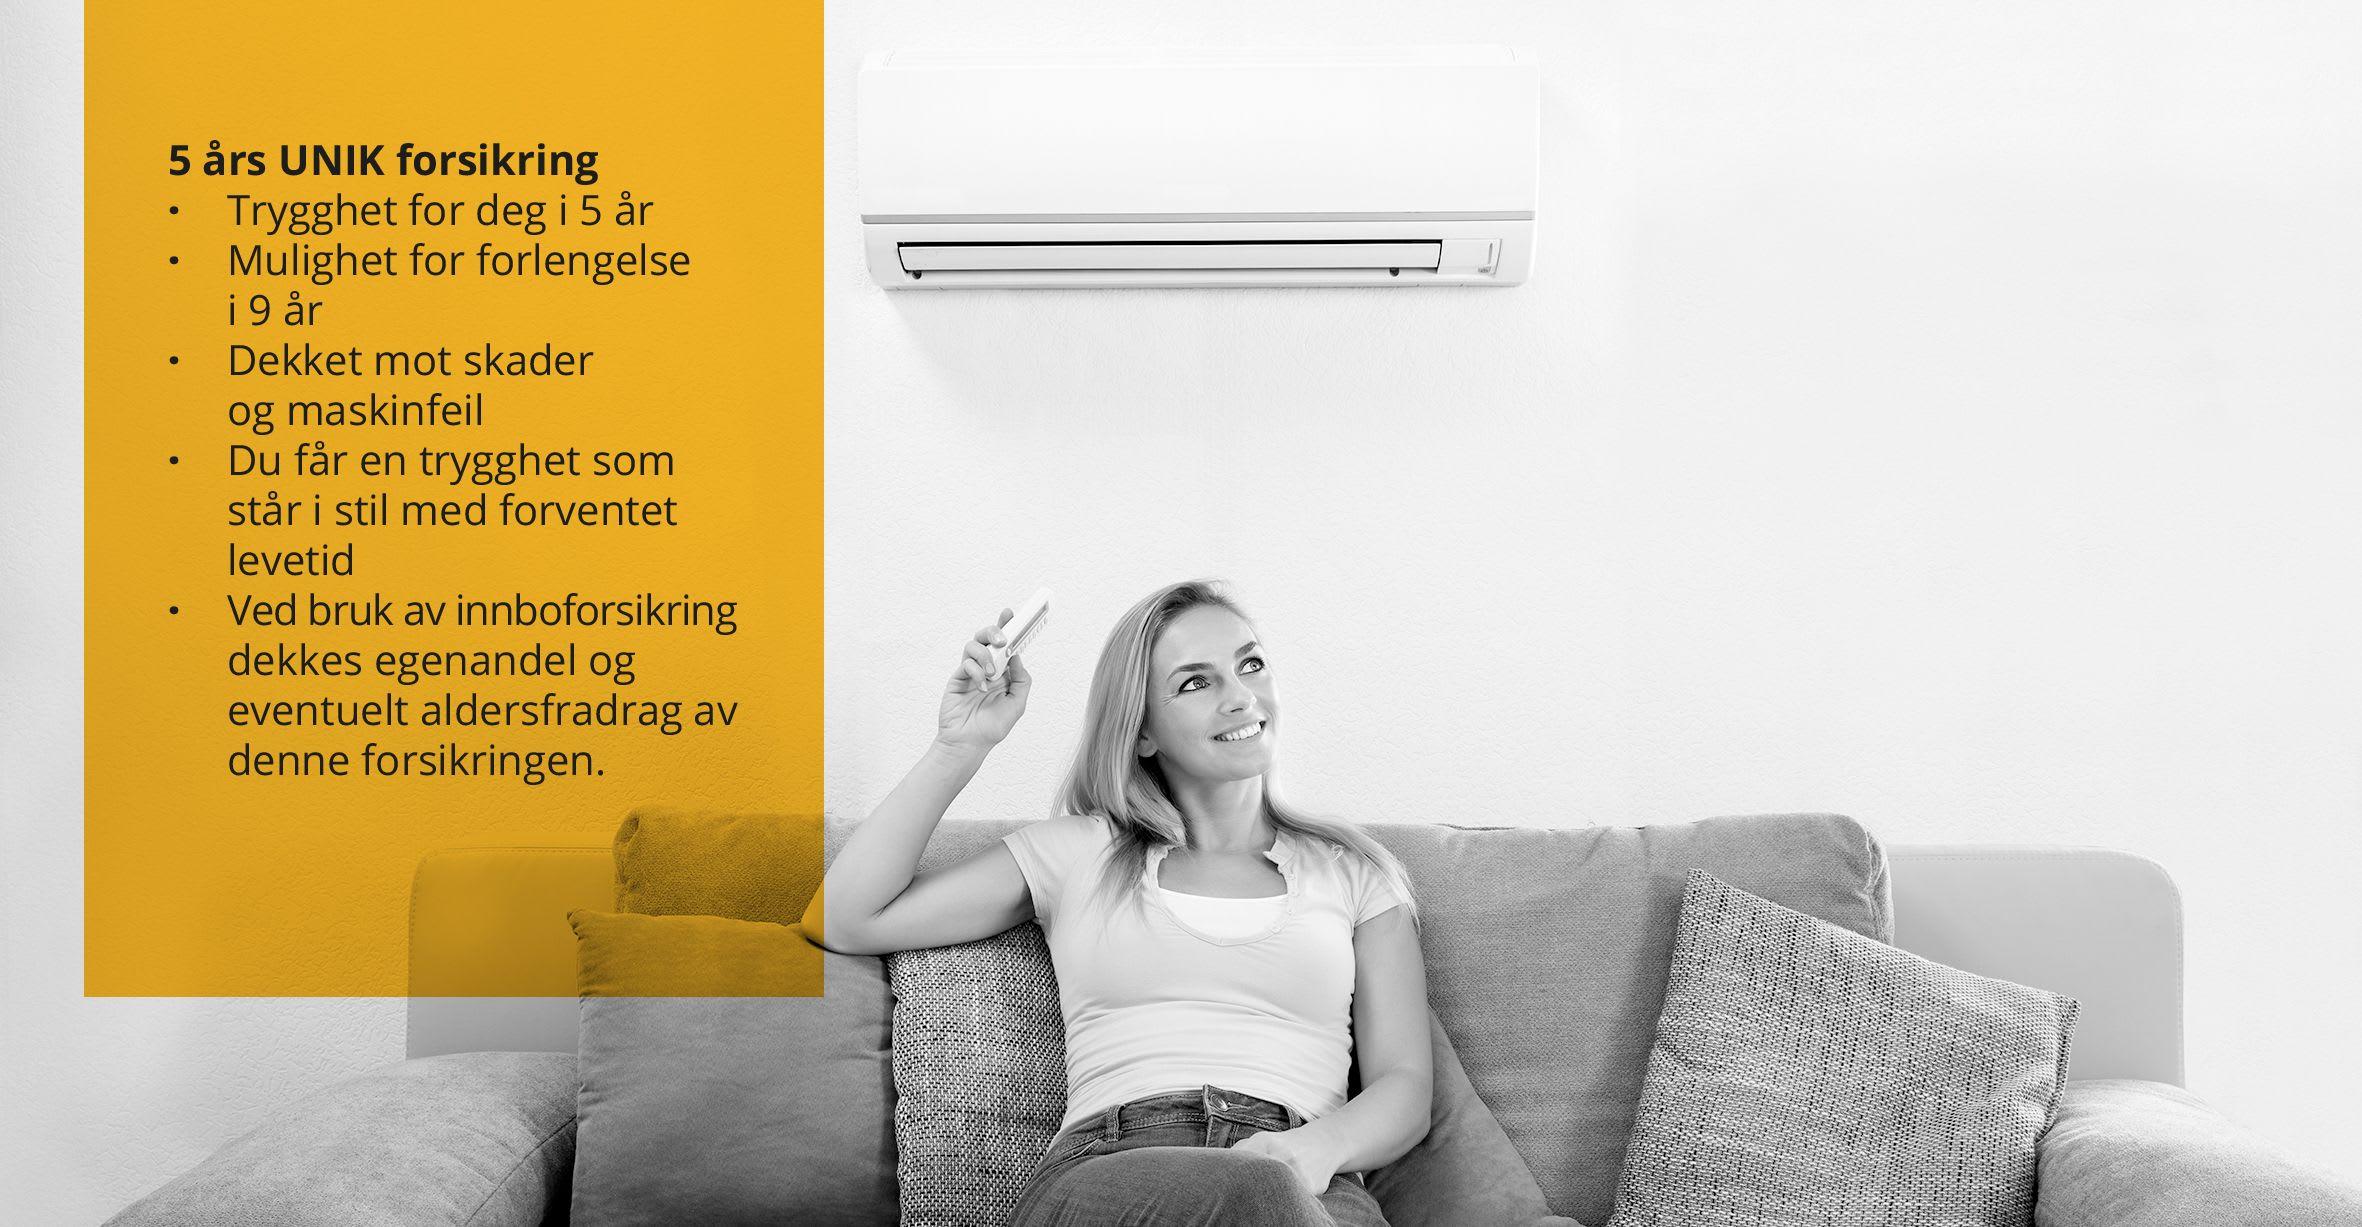 En ung dame sitter i sofa med en varmepumpe hengt på veggen.